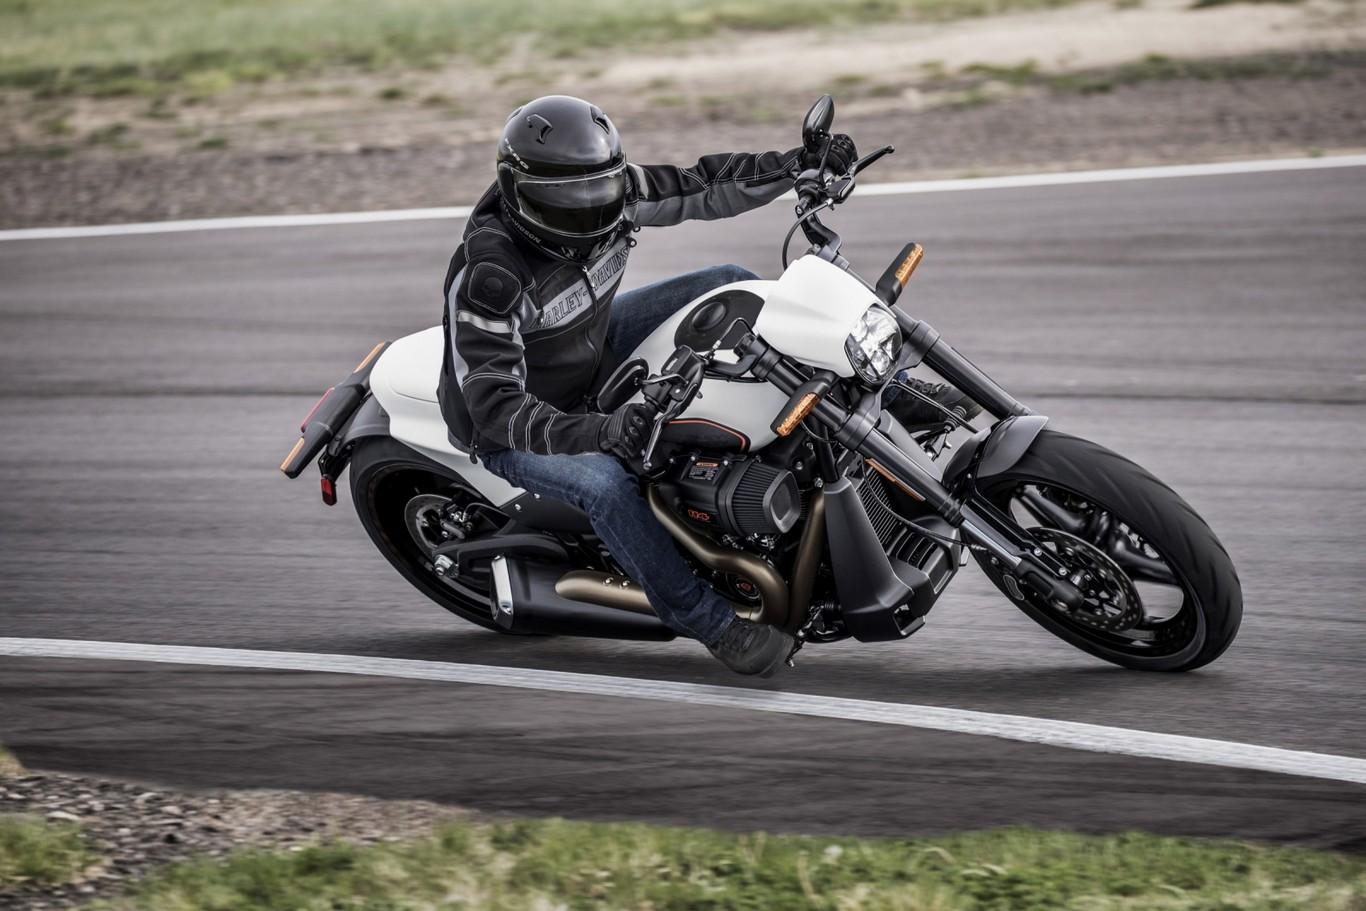 Harley Davidson FXDRS 114 25